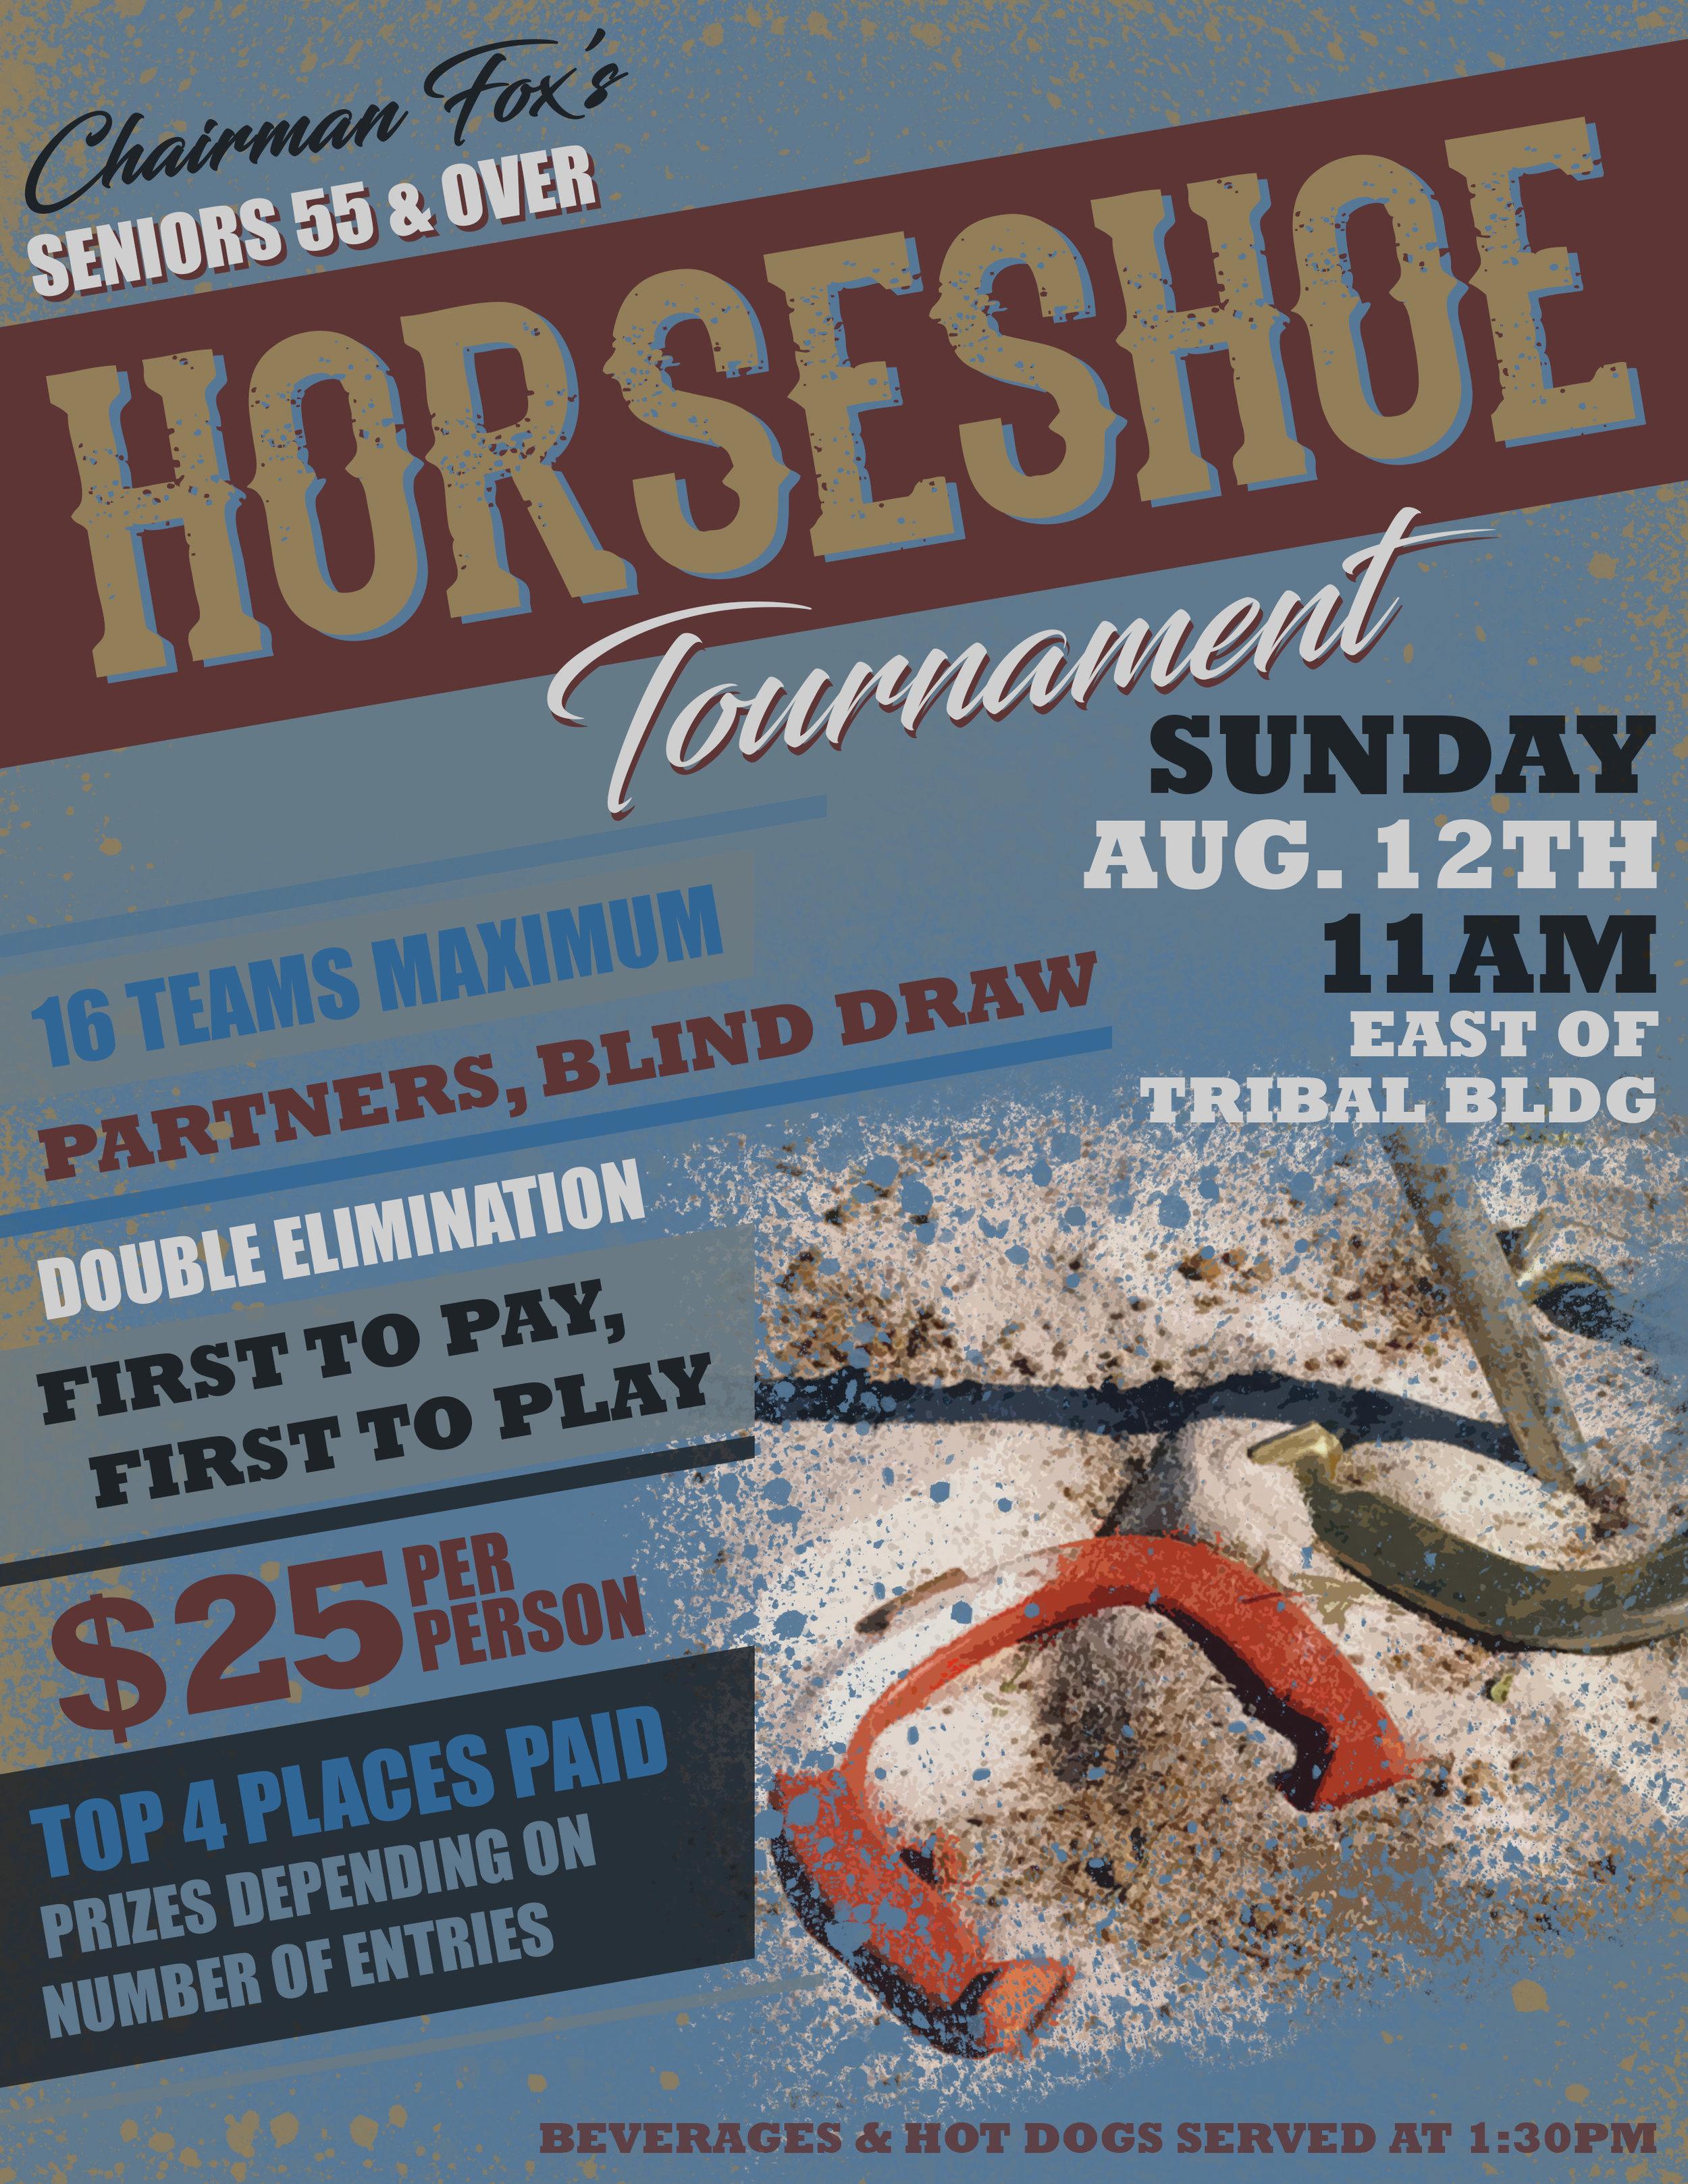 chairmans-littleshell-horseshoe-tournament.jpg